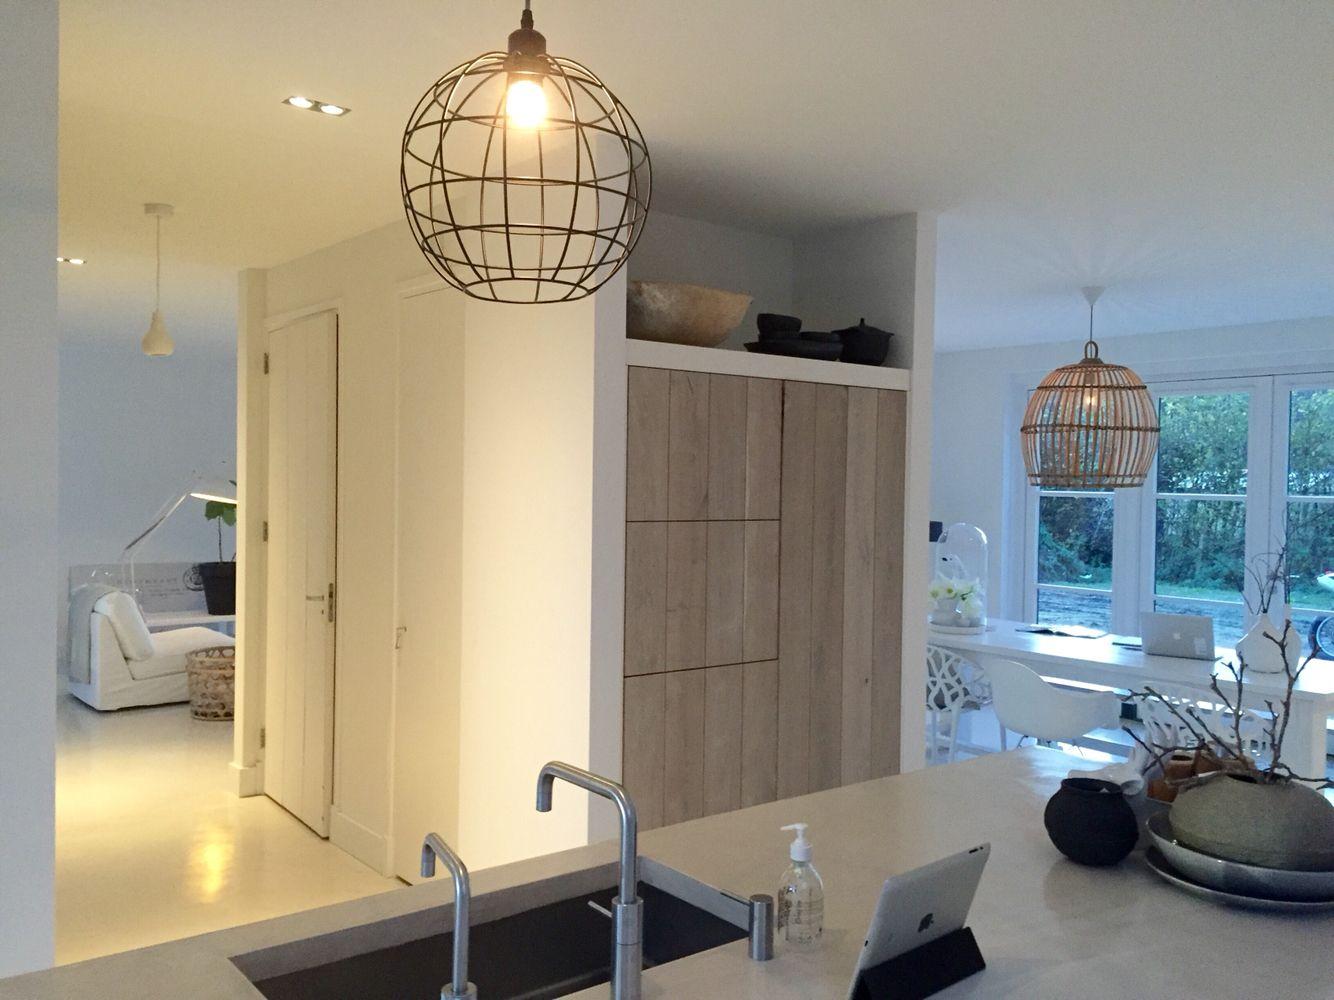 ww interieur styling & advies | Lightning | Pinterest | Küche, Rund ...